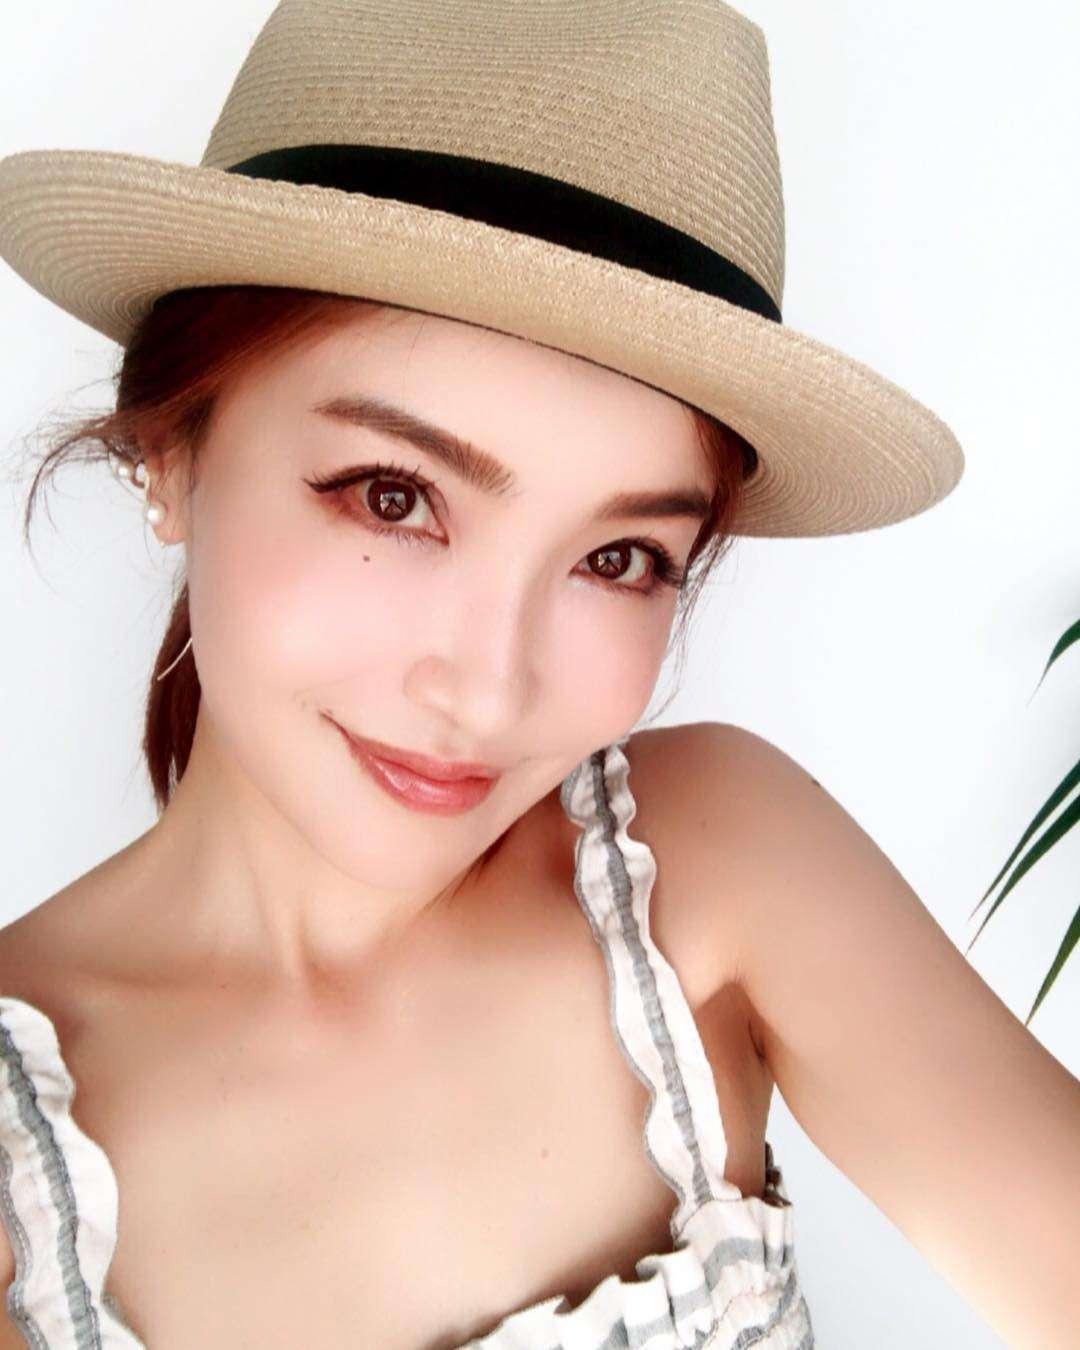 平子理沙、「美魔女の存在感がすごい!」何気なく撮った写真が称賛の嵐